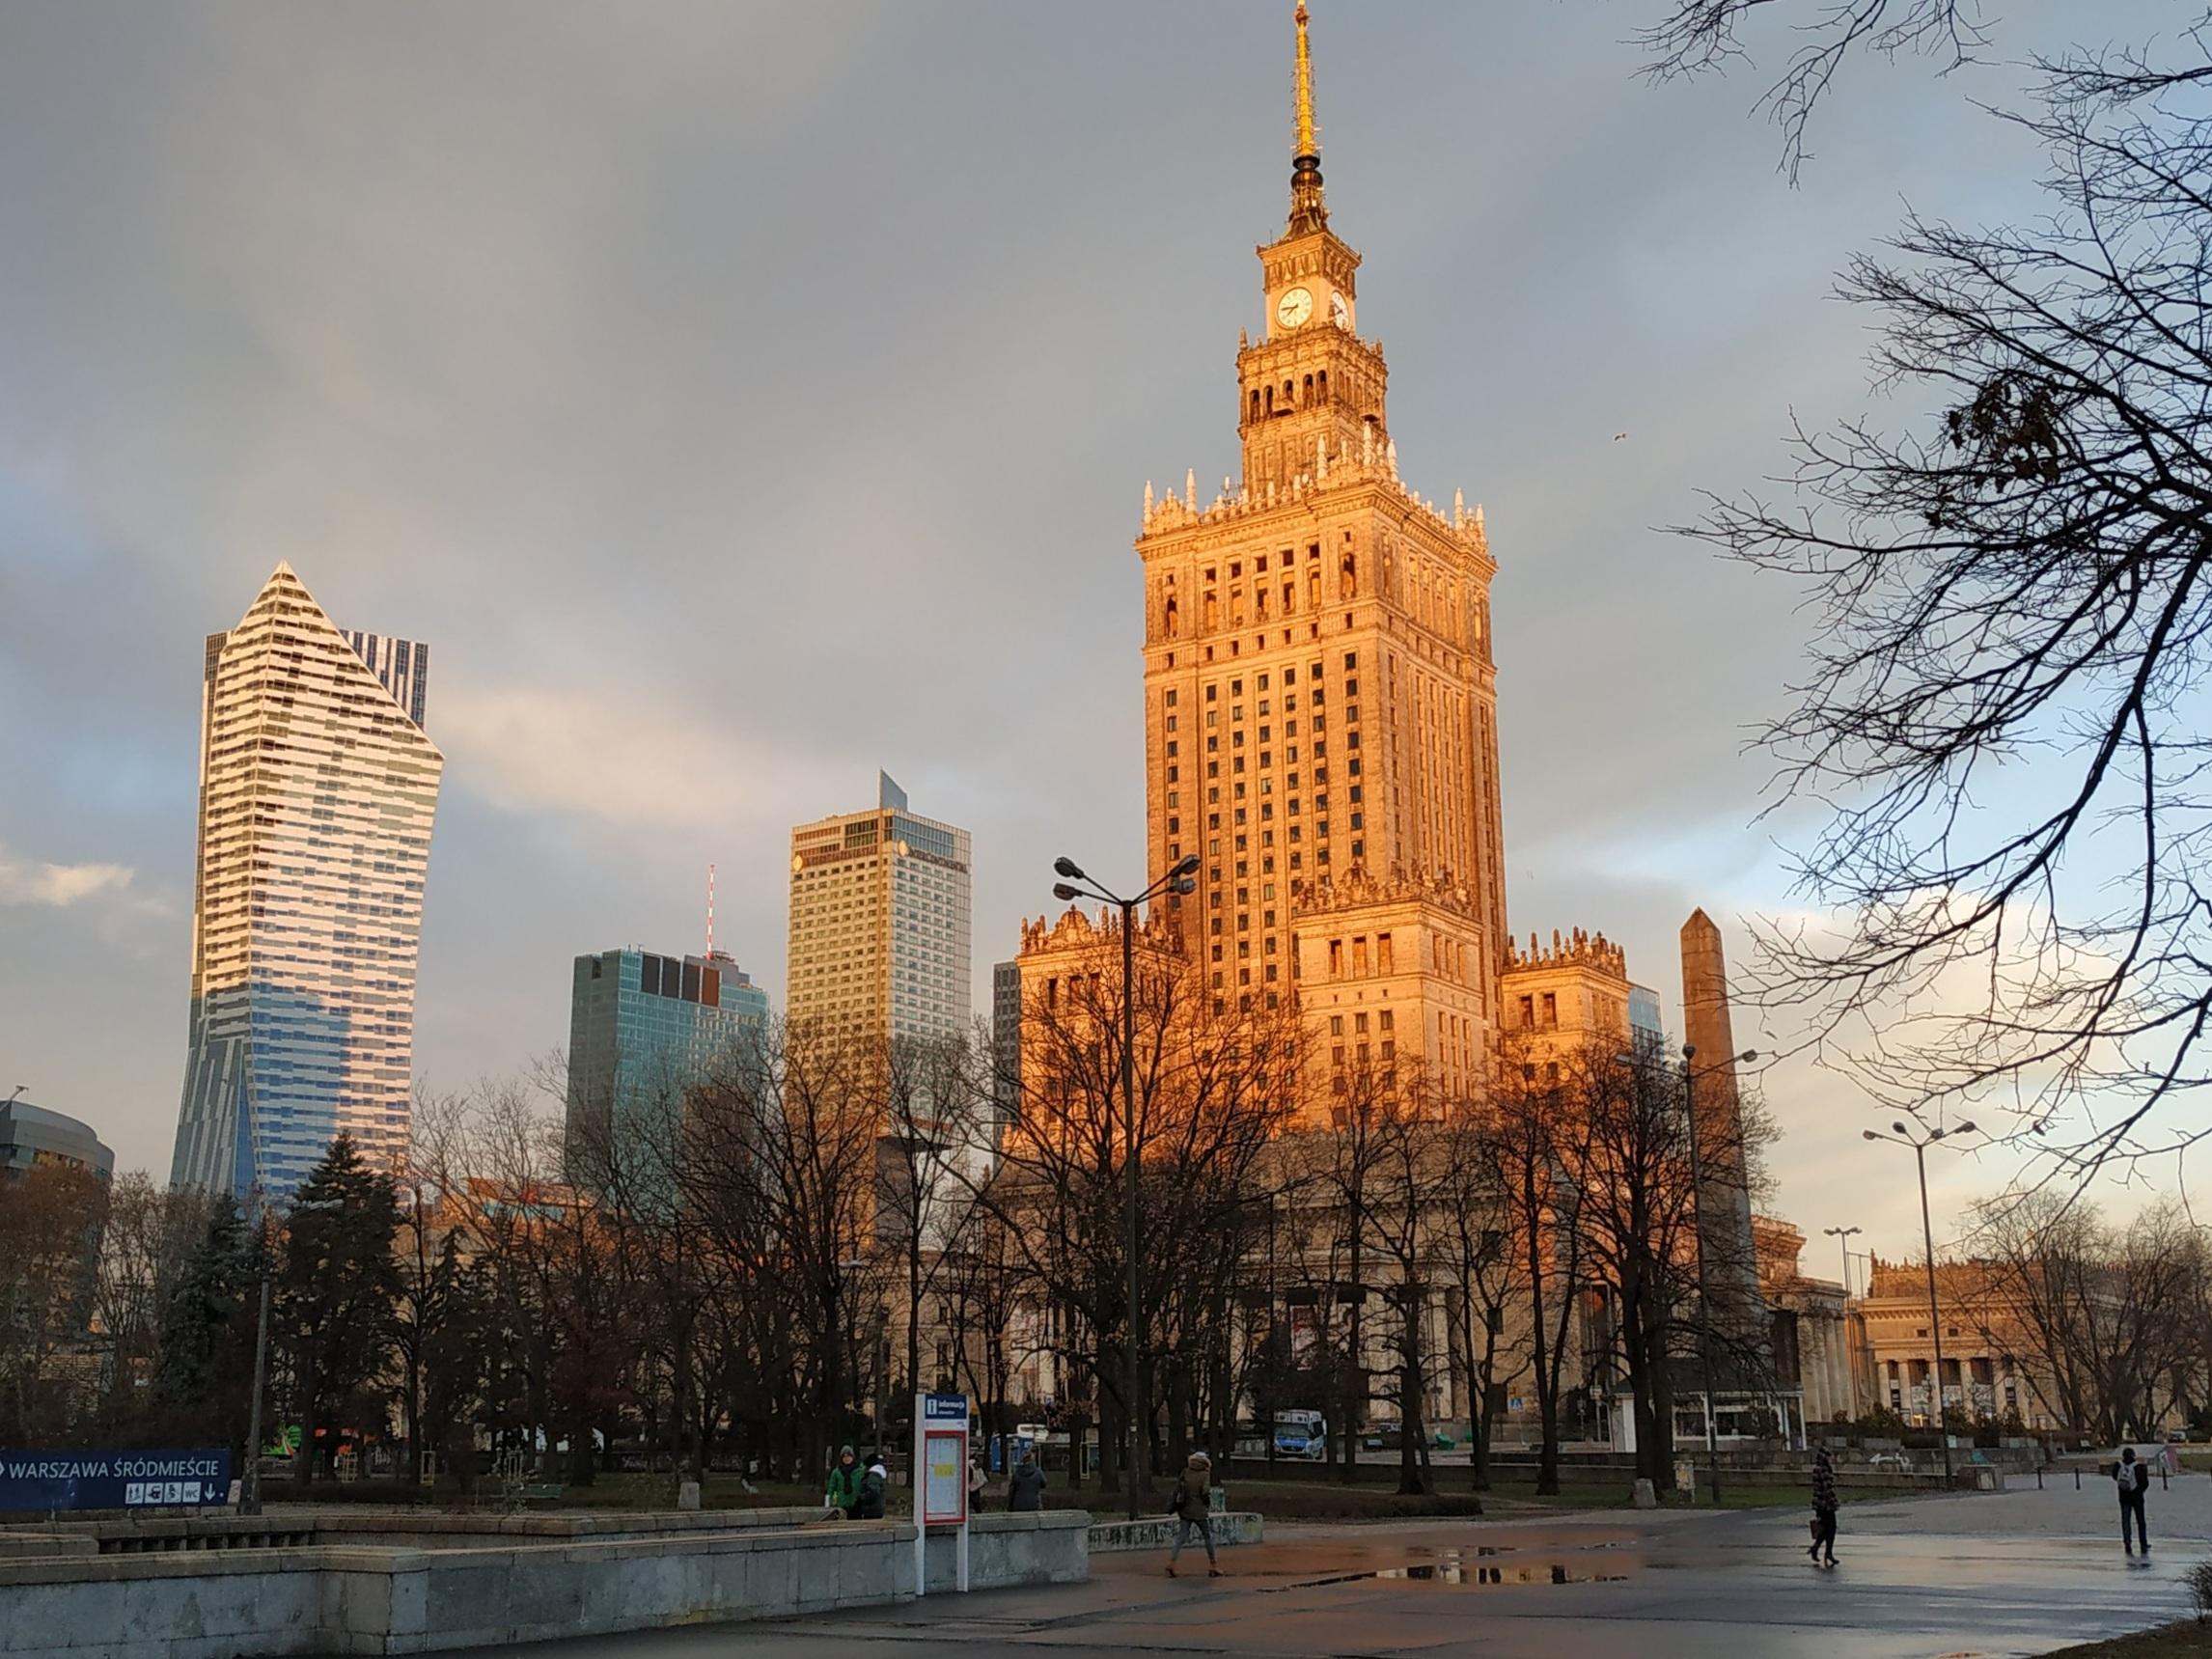 In primo piano il Palazzo della Cultura e della Scienza, sulla sinistra la torre di Złota 44